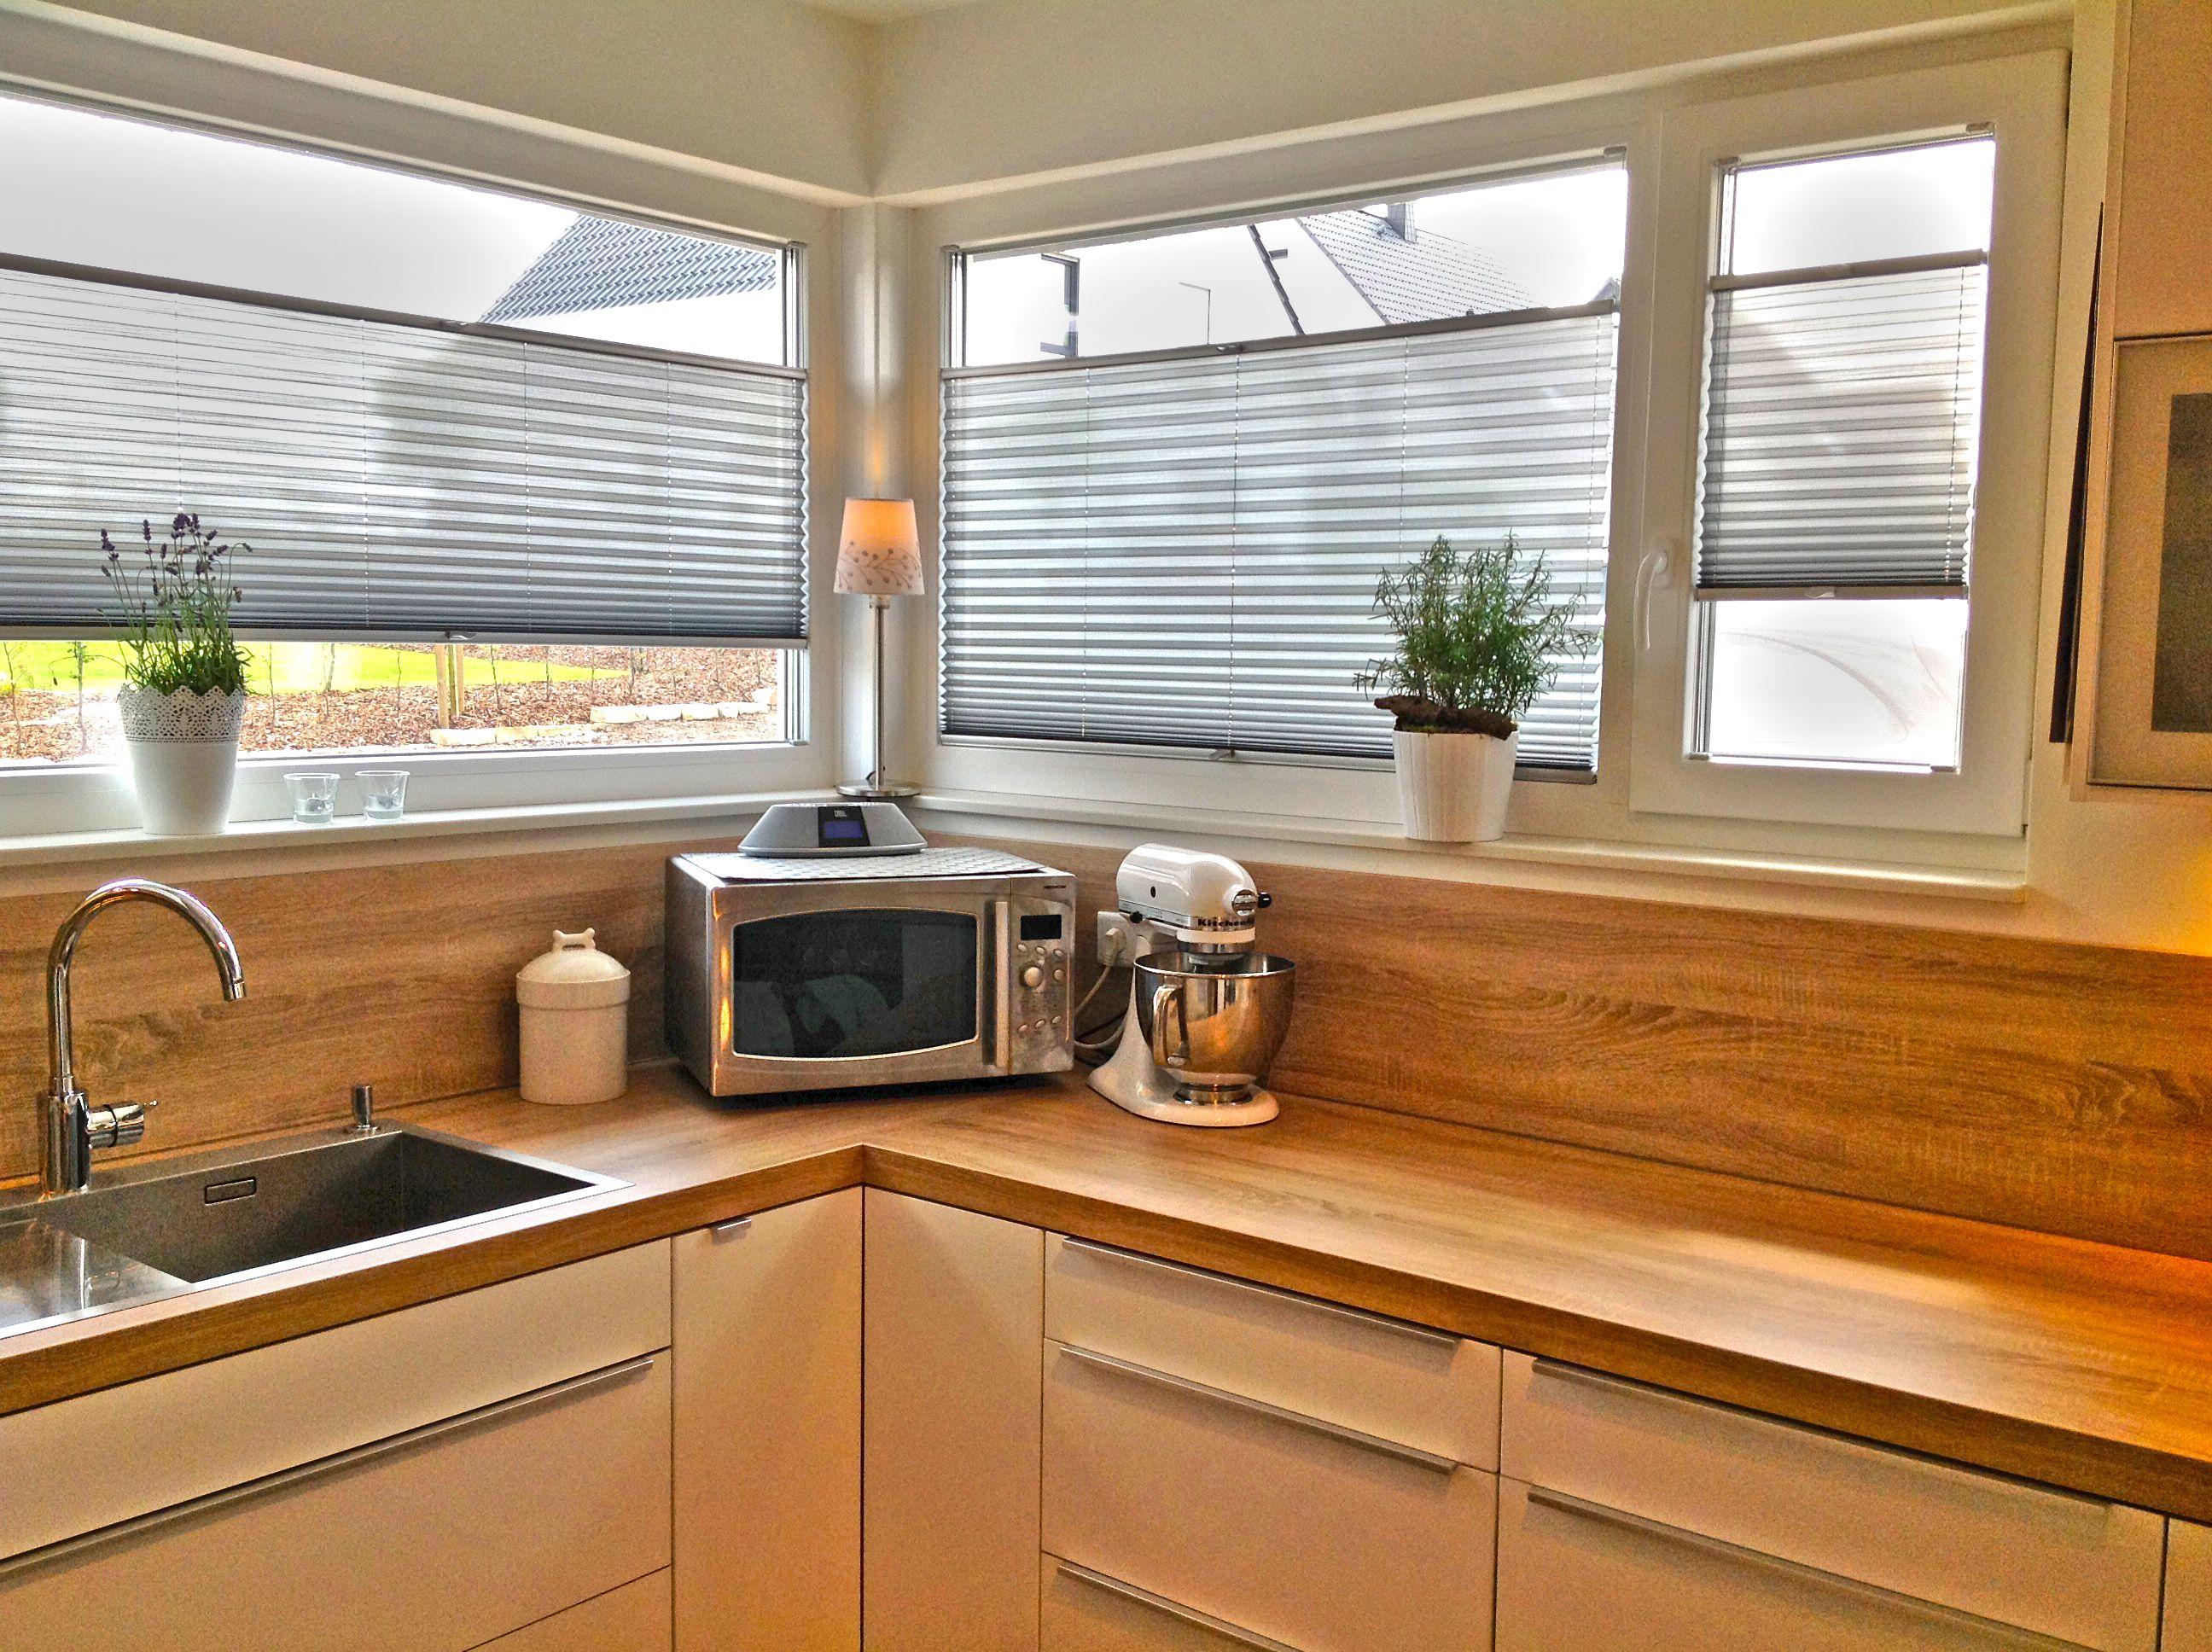 plissee #küche #wohlfühlen #kochen Macht Euer Zuhause schöner mit ...